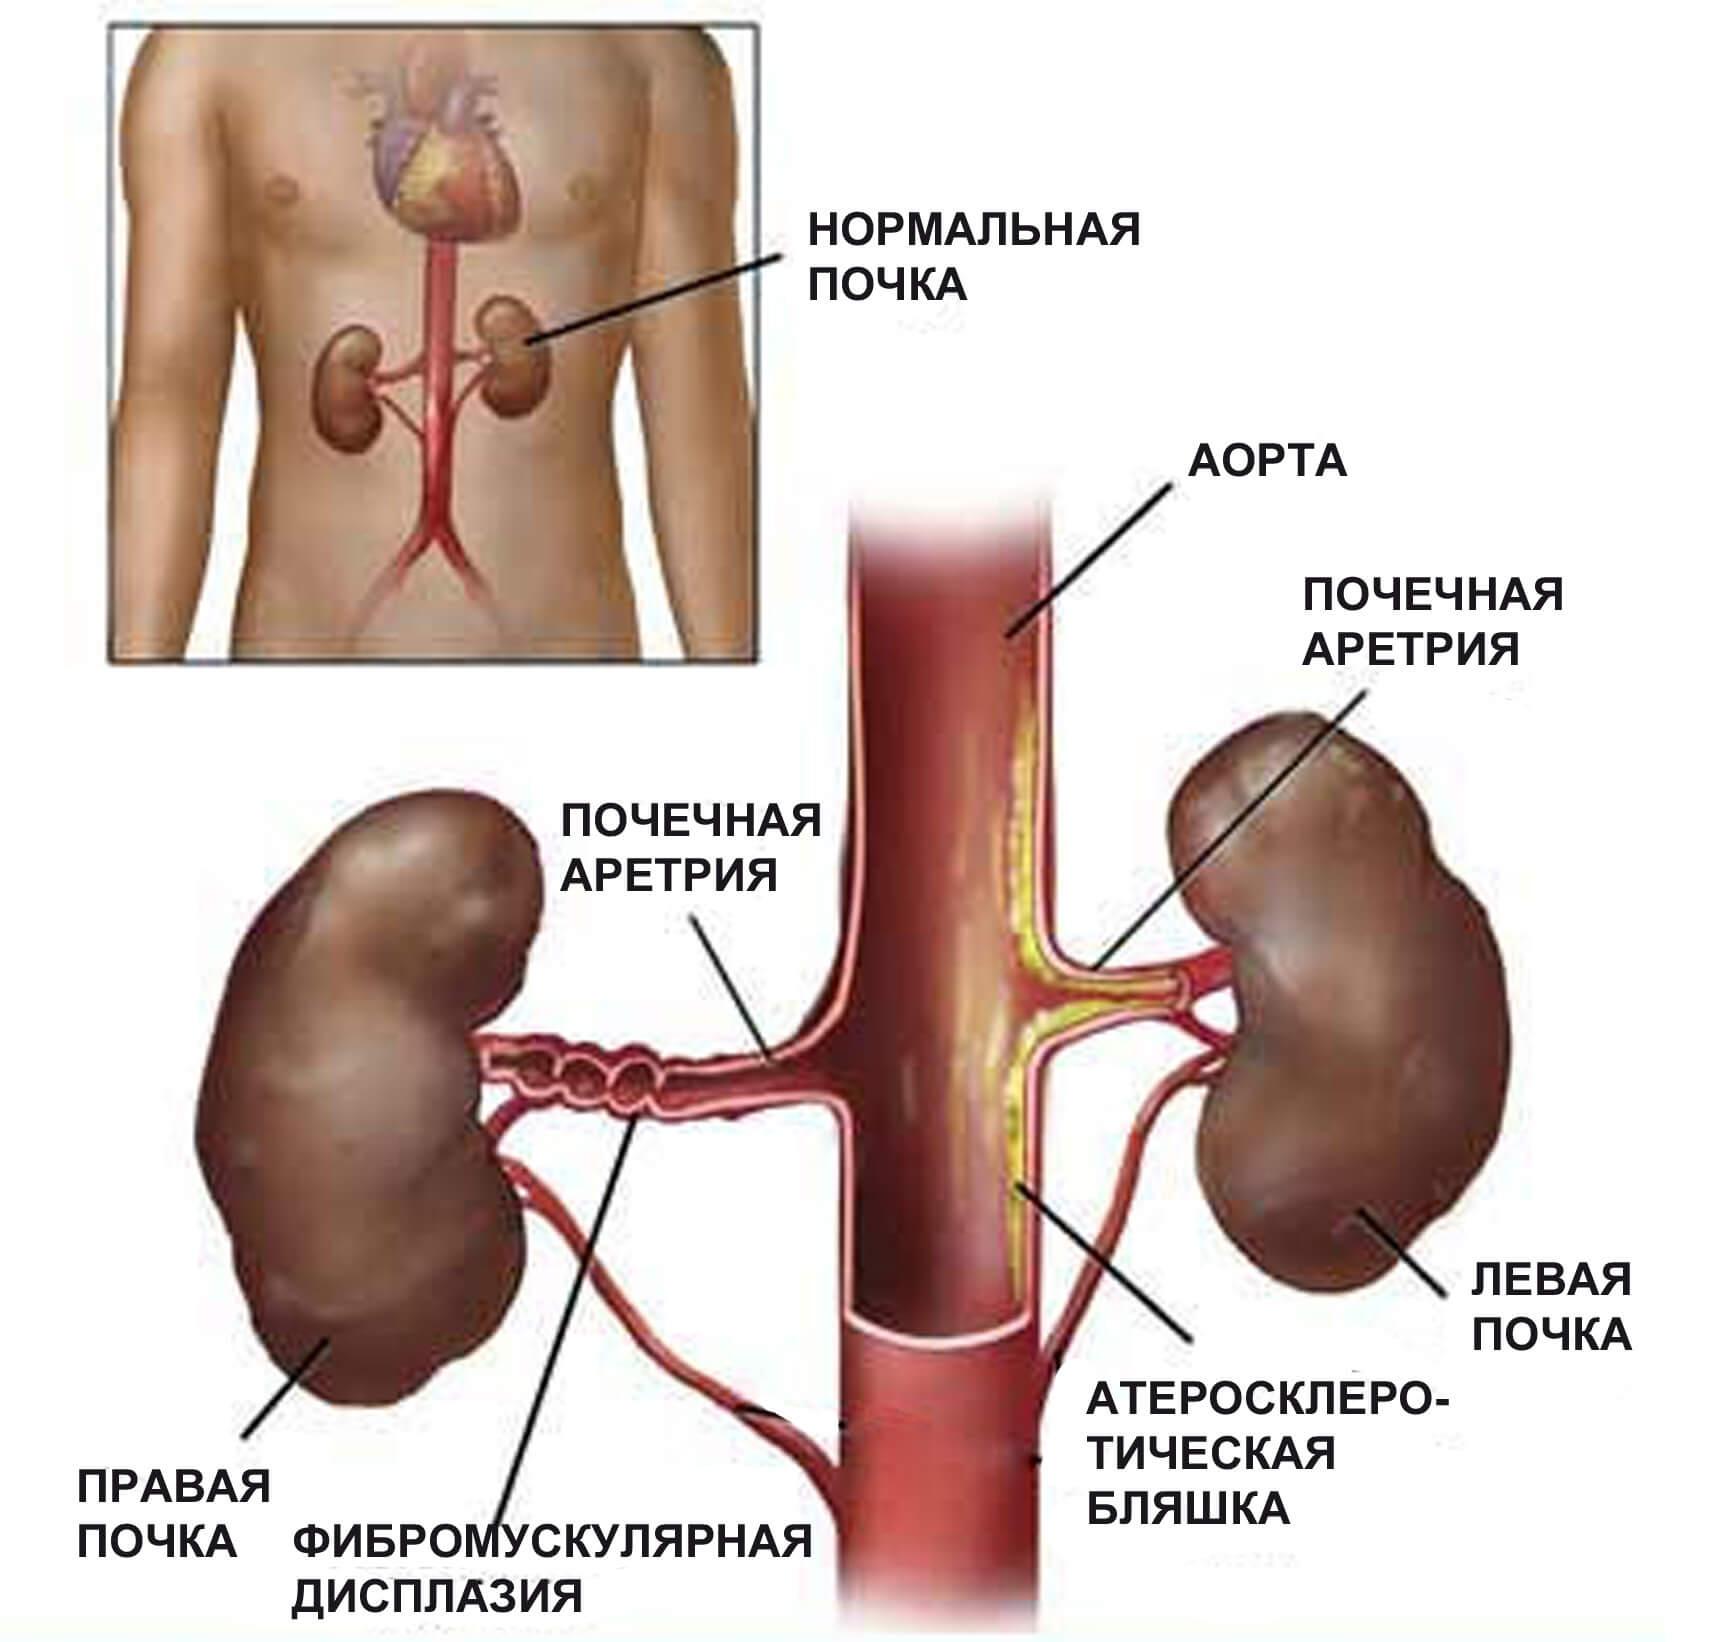 Причины симптомы и лечение почечного давления